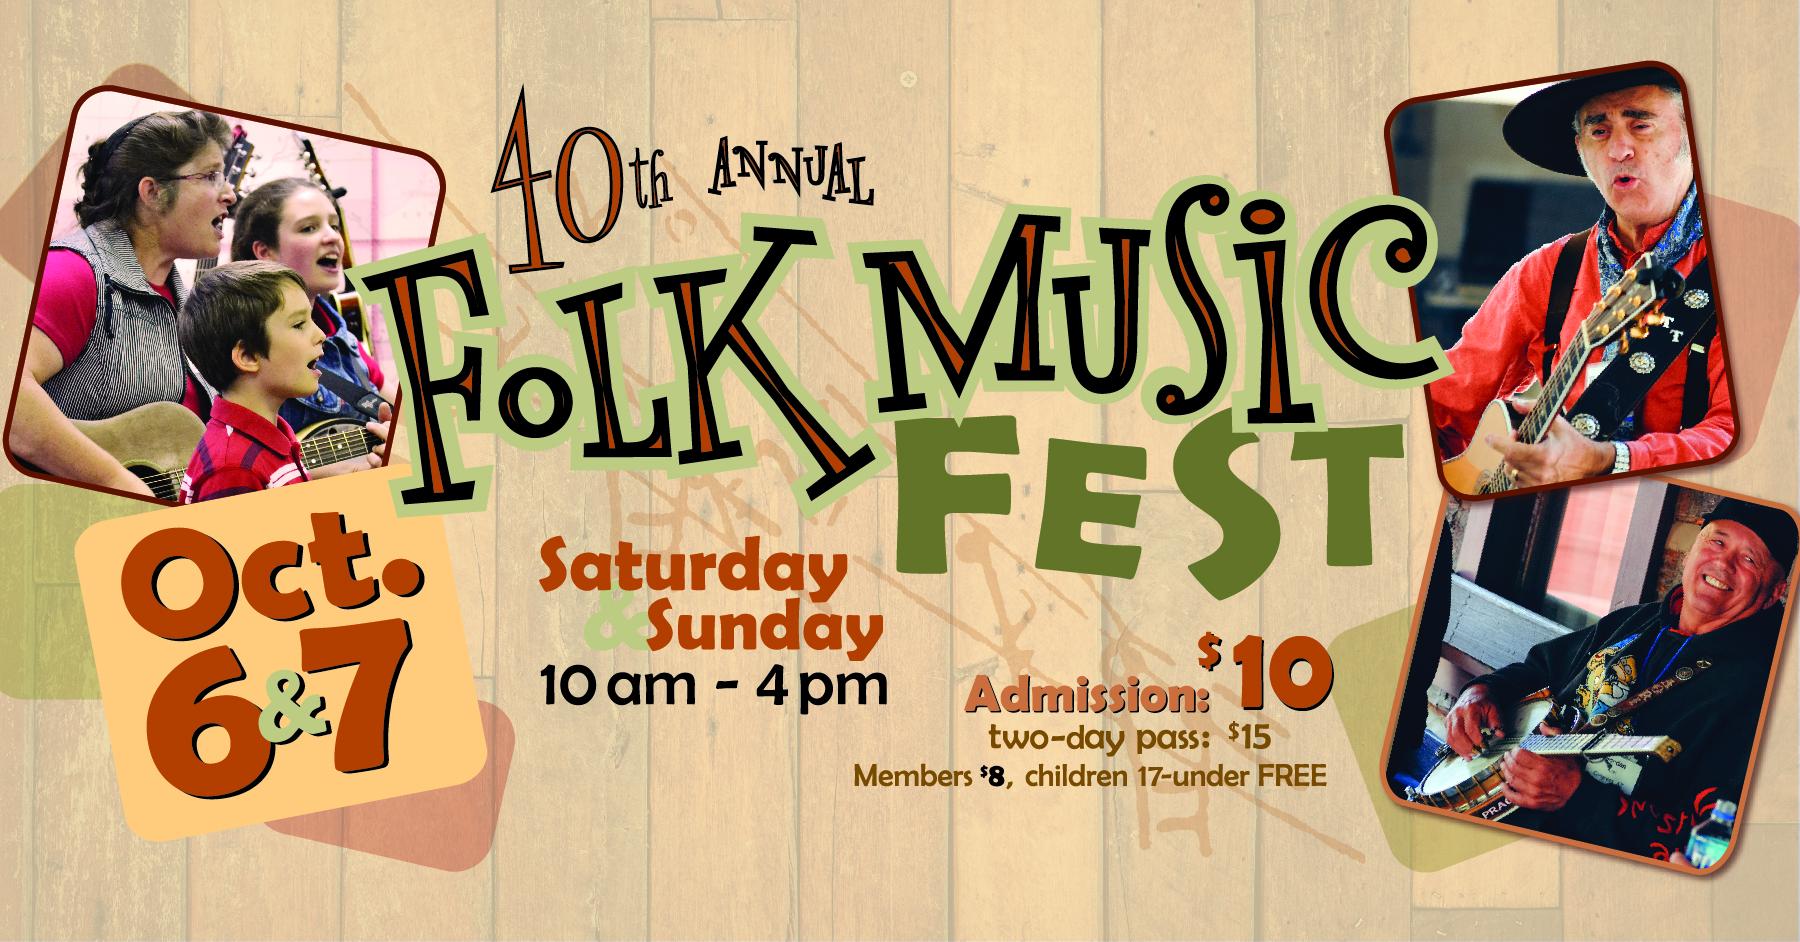 2018 Folk Music Festival